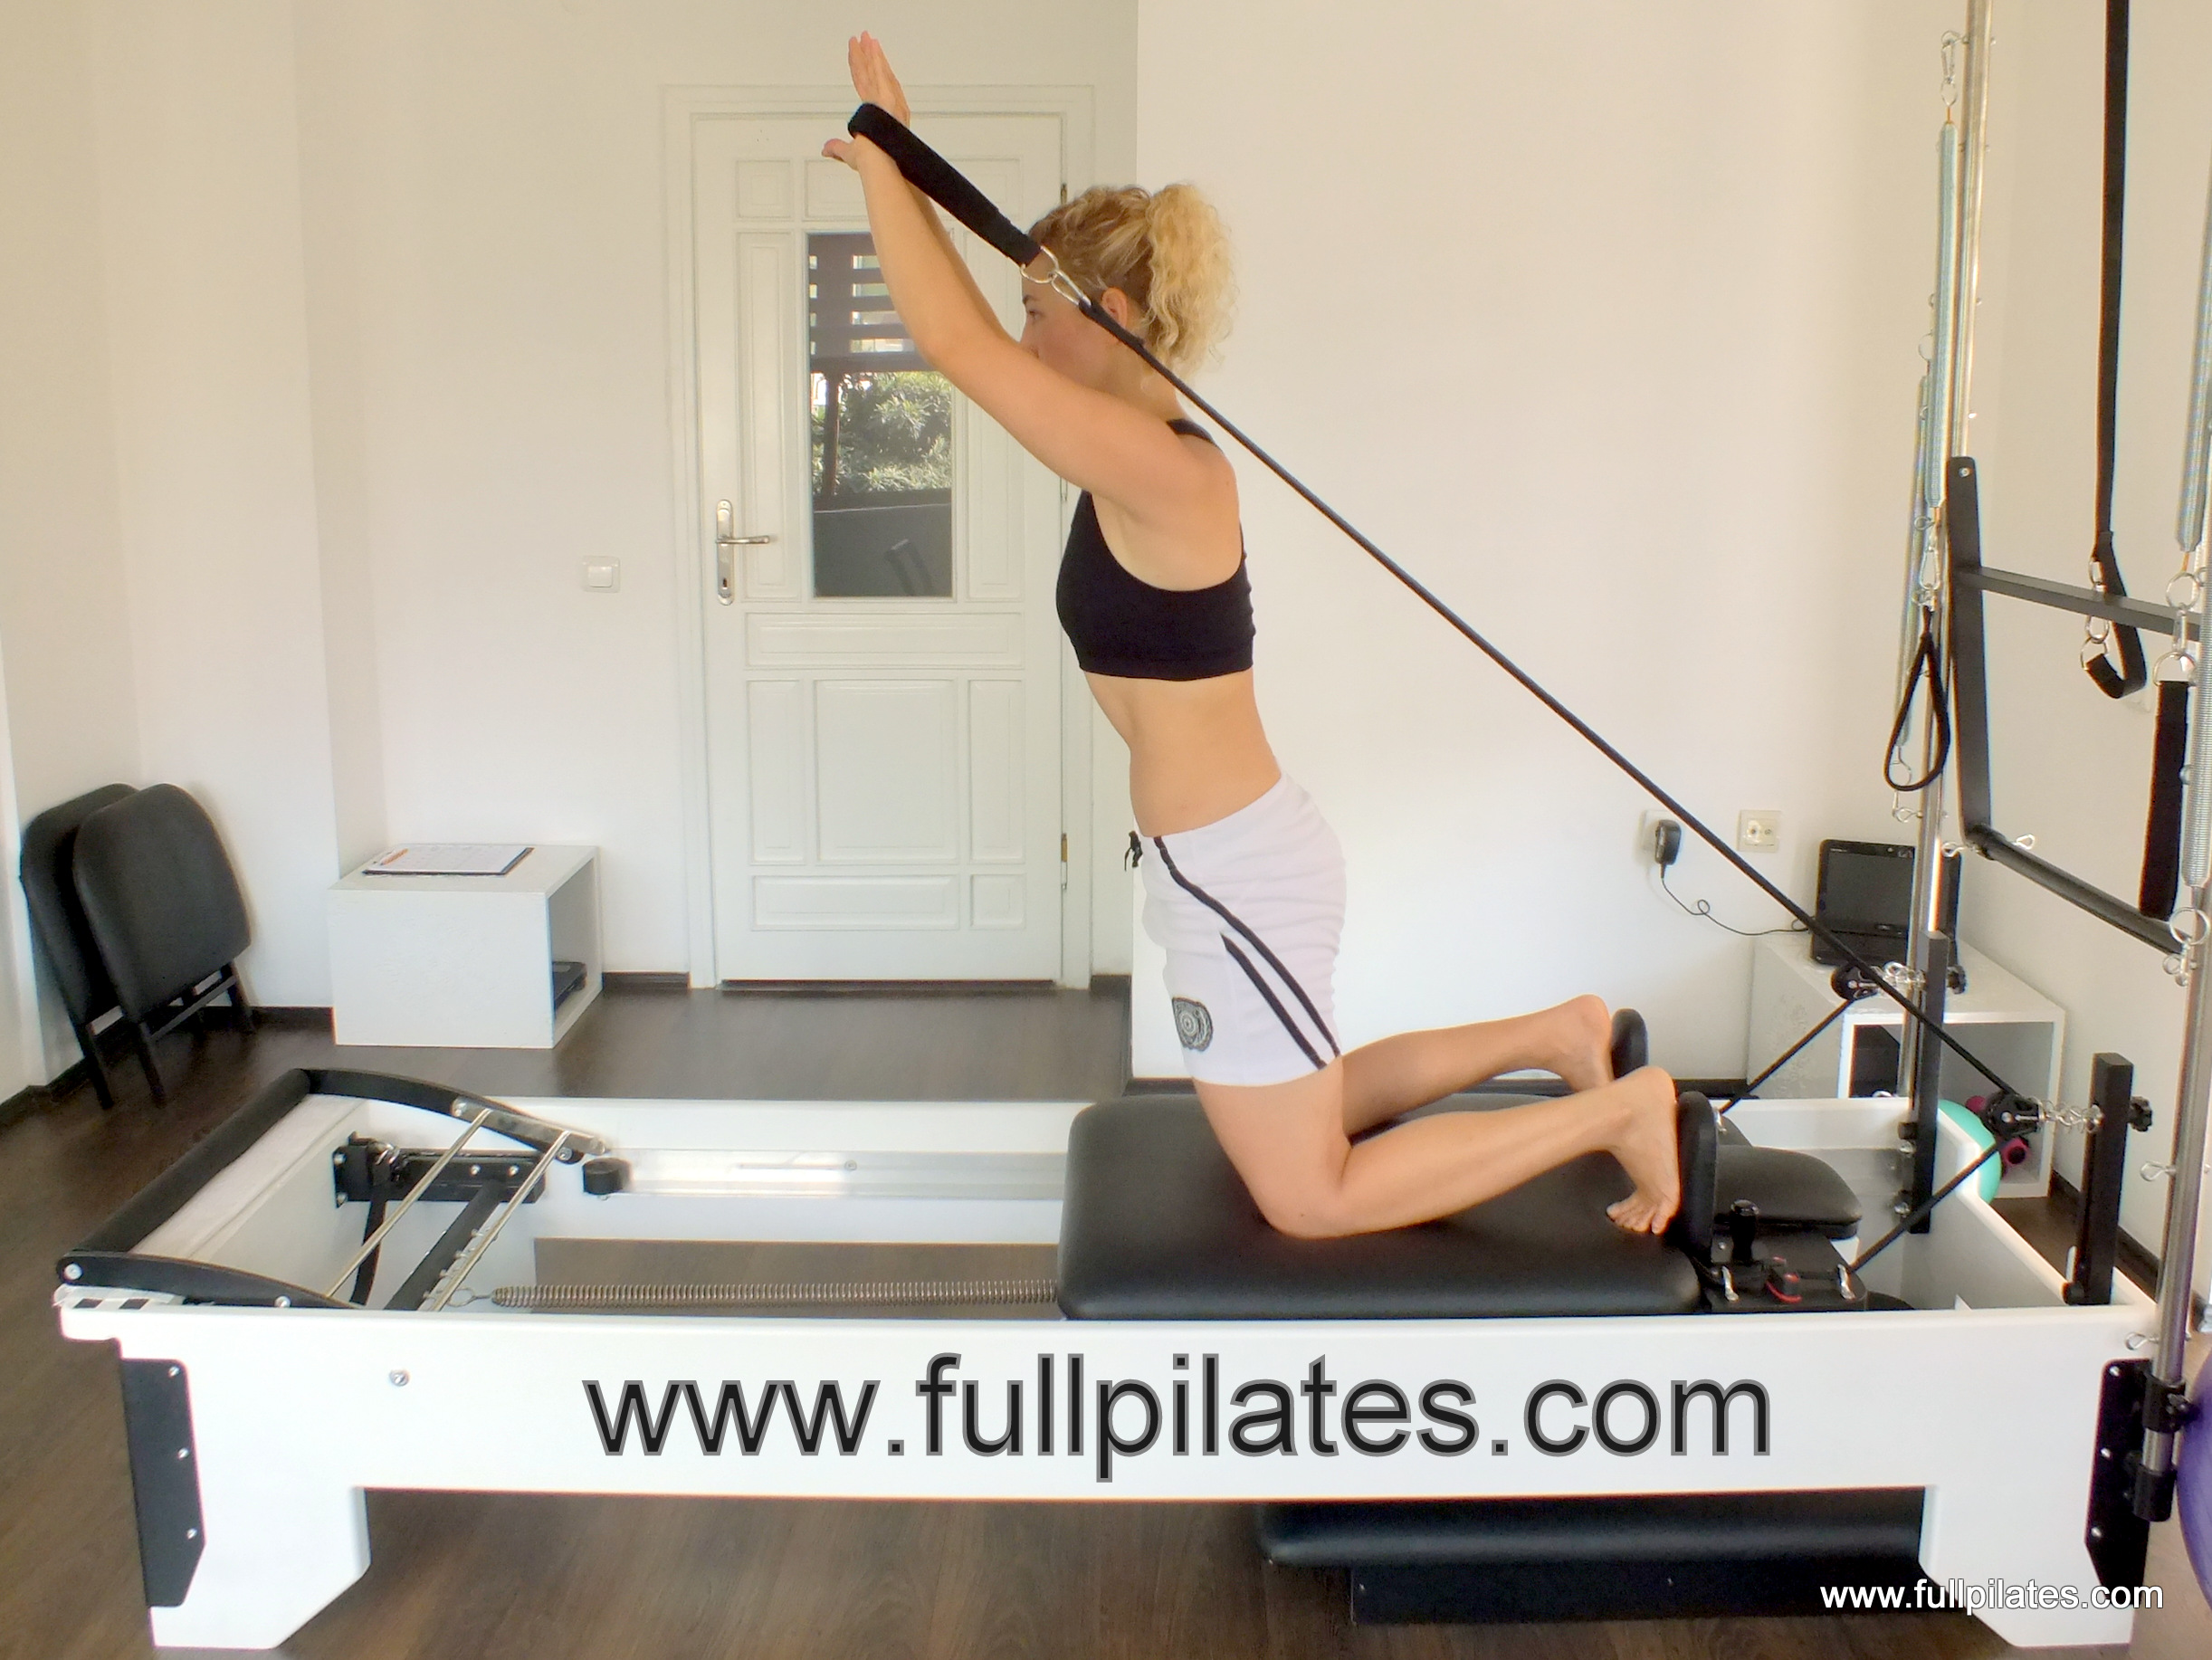 full pilates samime hoca 001